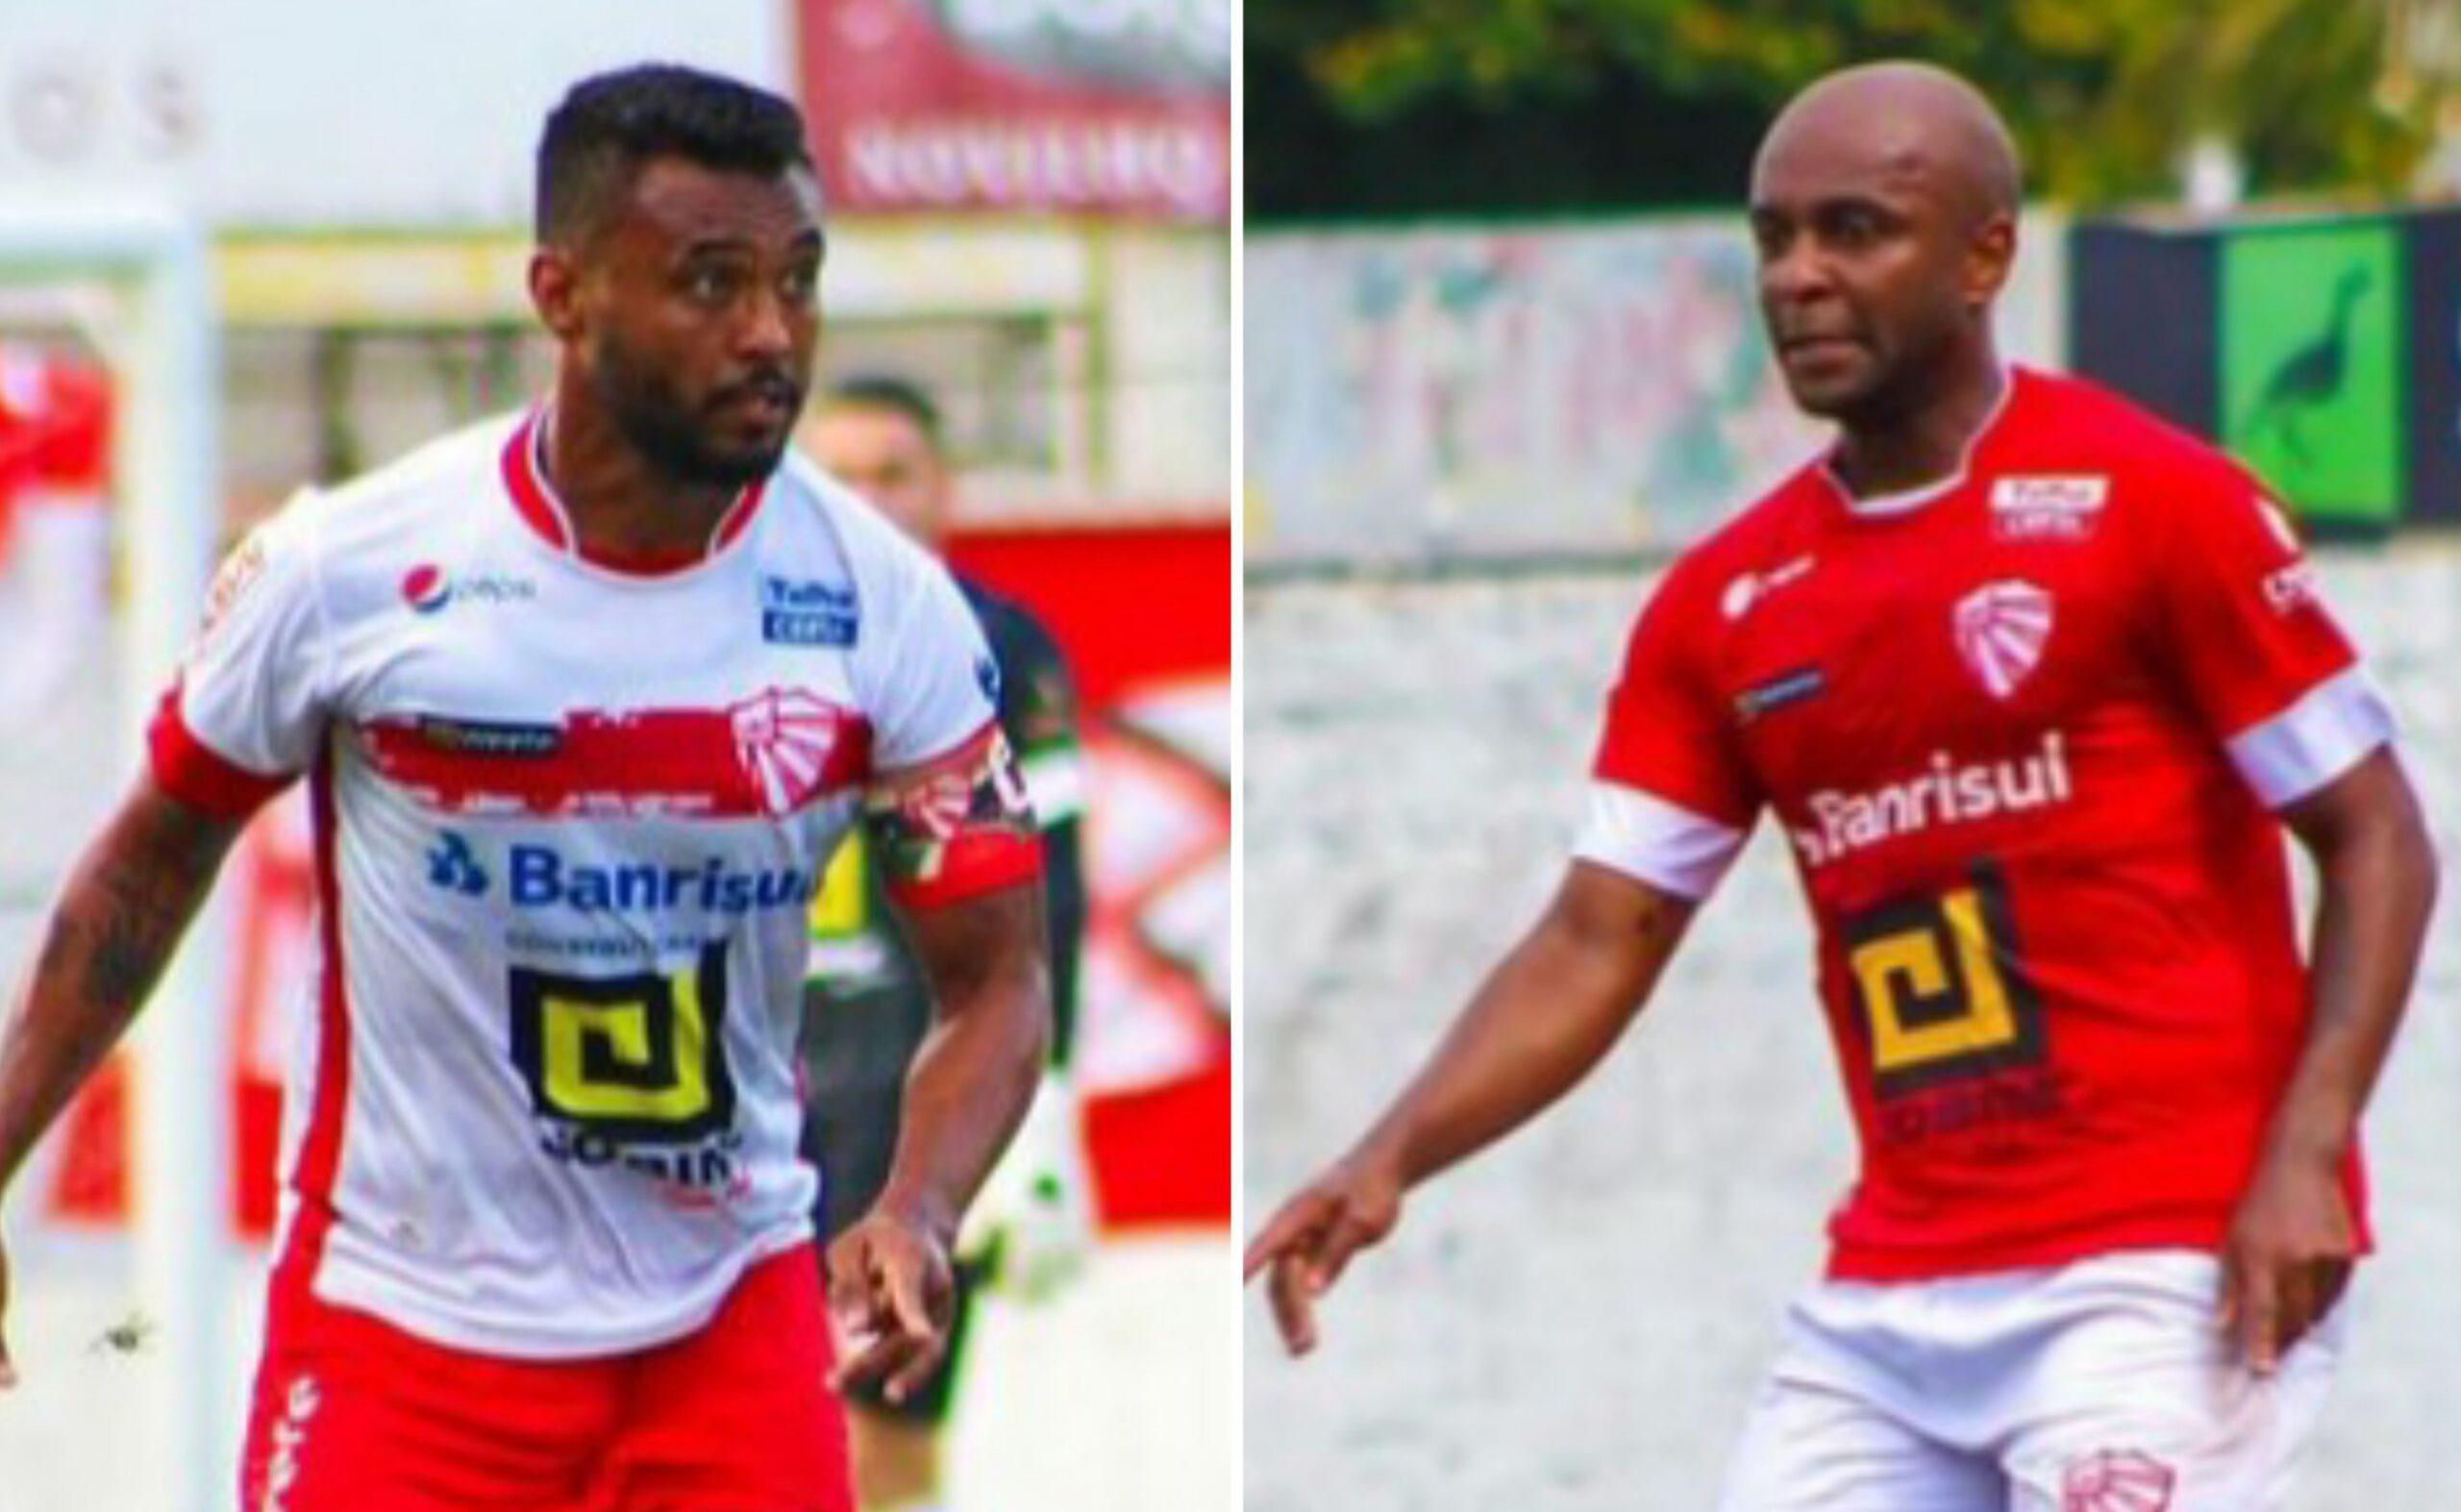 Rafael Jataí e Sílvio falam sobre as brincadeiras no vestiário do São Luiz